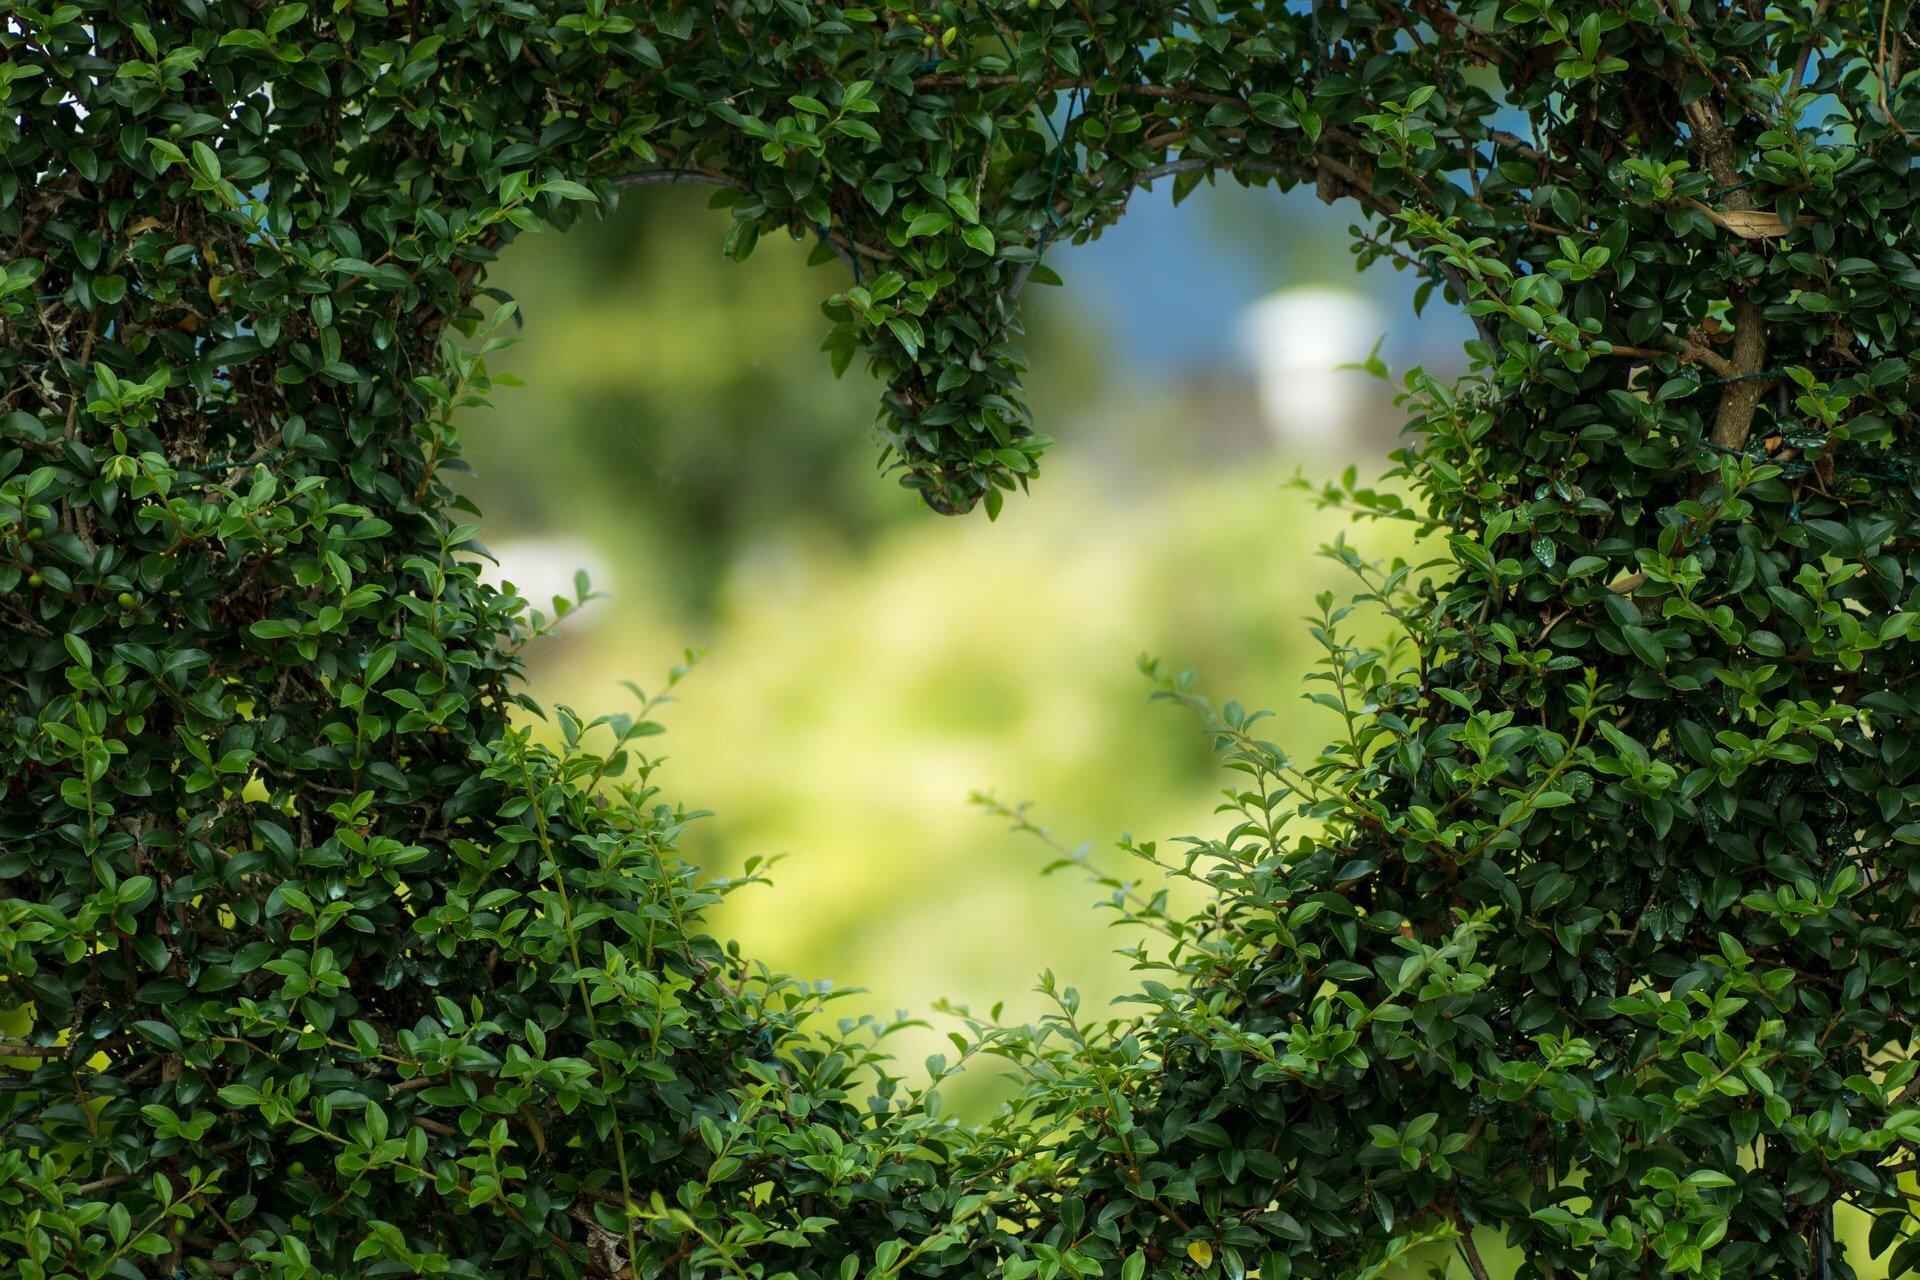 6 định nghĩa hàng đầu về tình yêu mà bạn nên biết 2